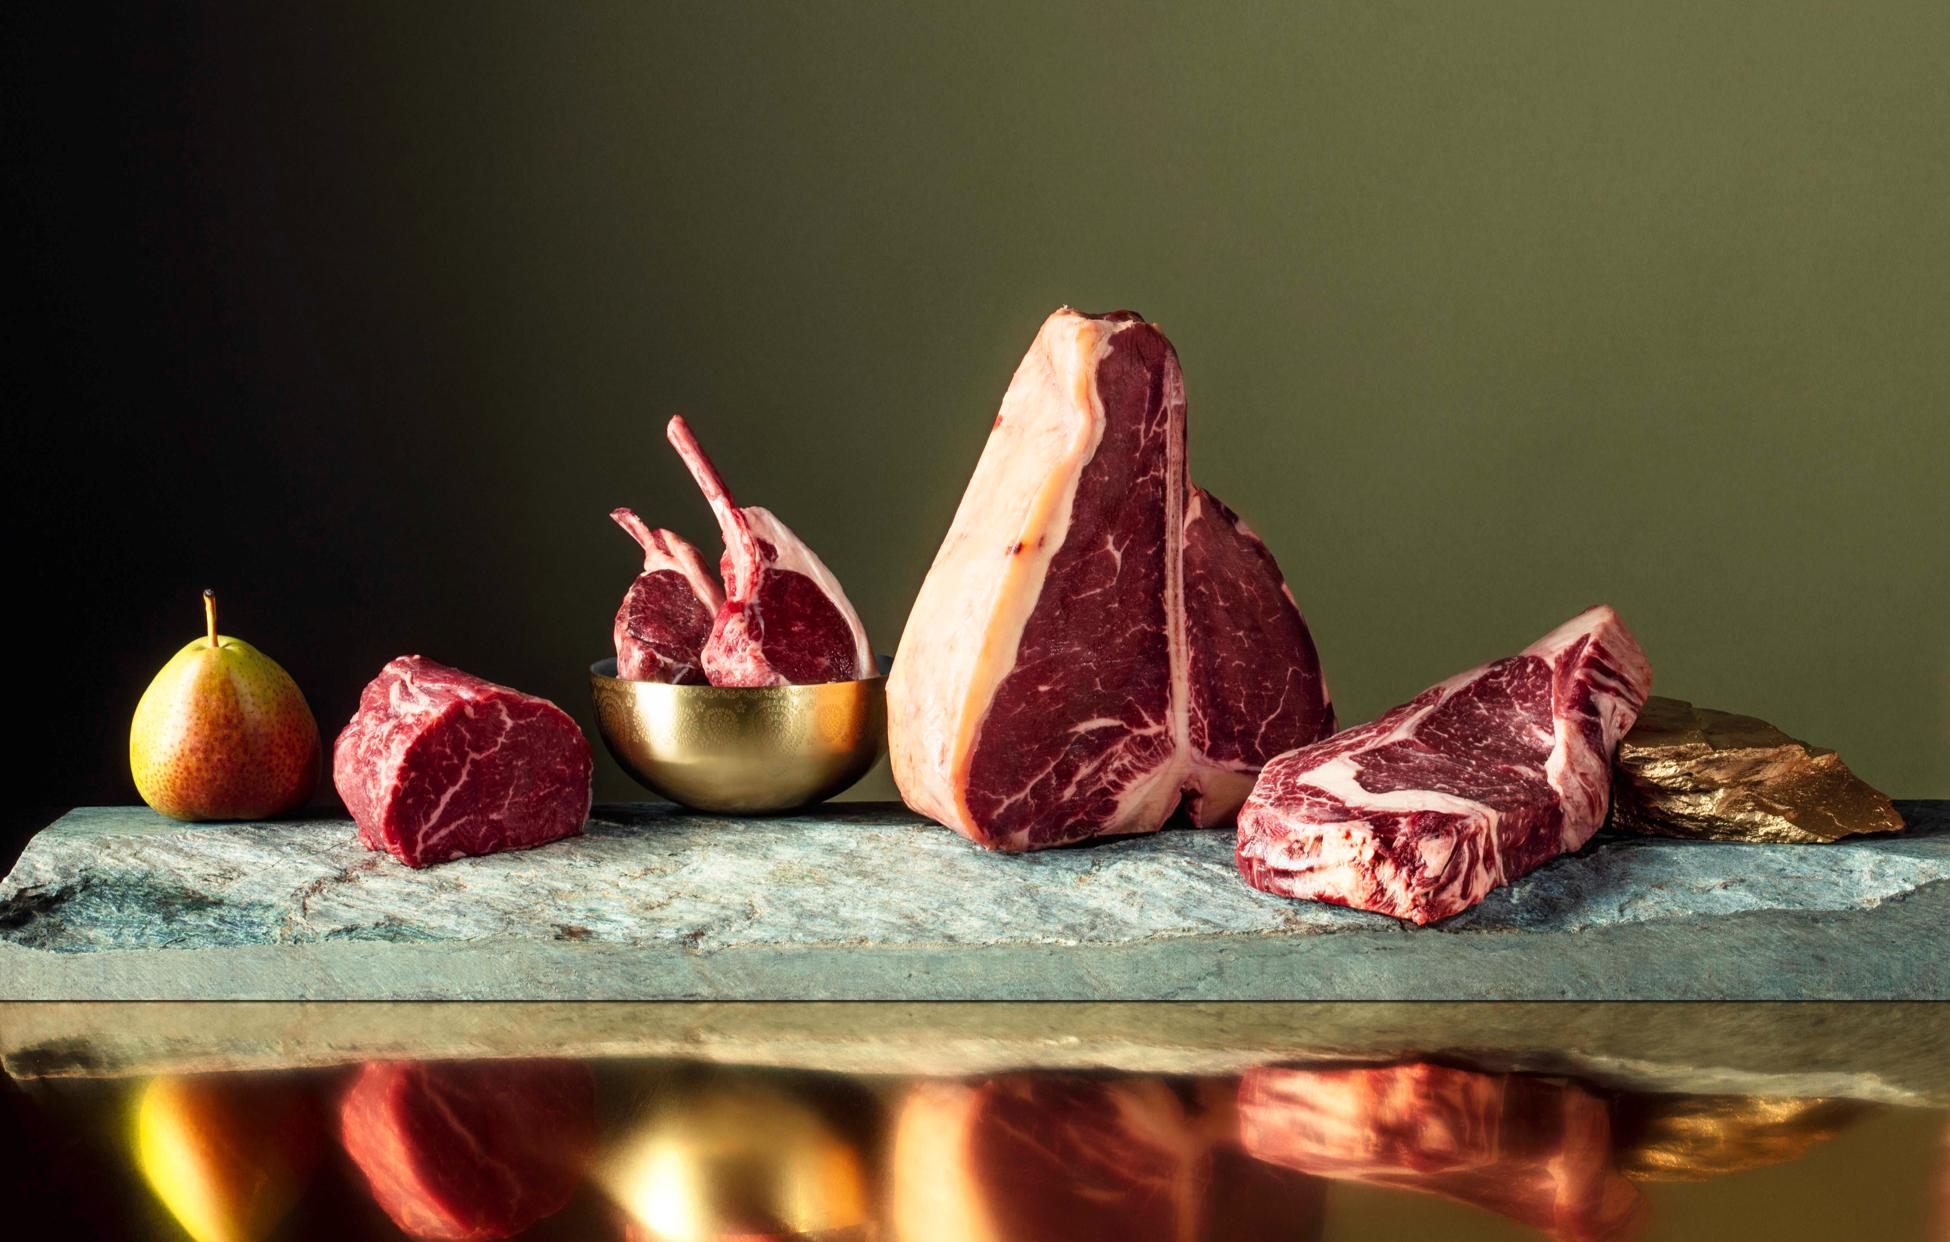 steak-tasting-stuttgart-bg2